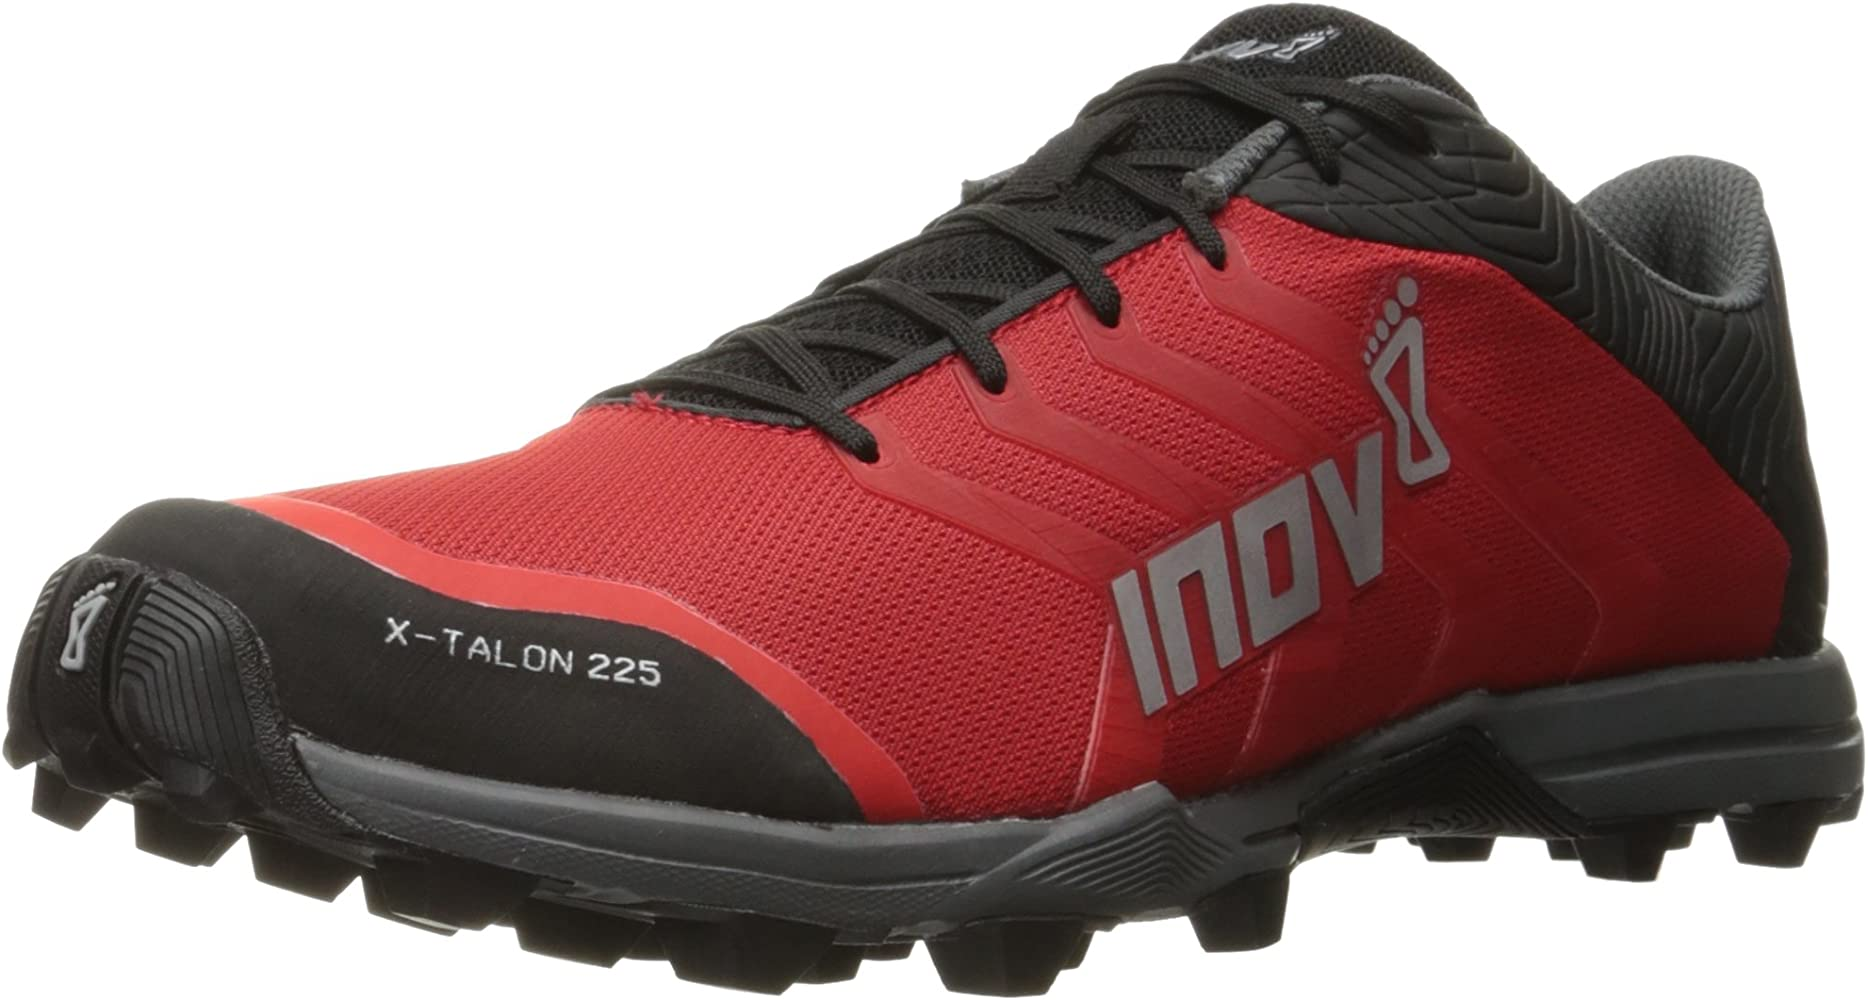 Zapatilla de trail running Inov-8 X-Talon ™ 225., Rojo (rojo/negro/gris), 5 M US: Amazon.es: Zapatos y complementos